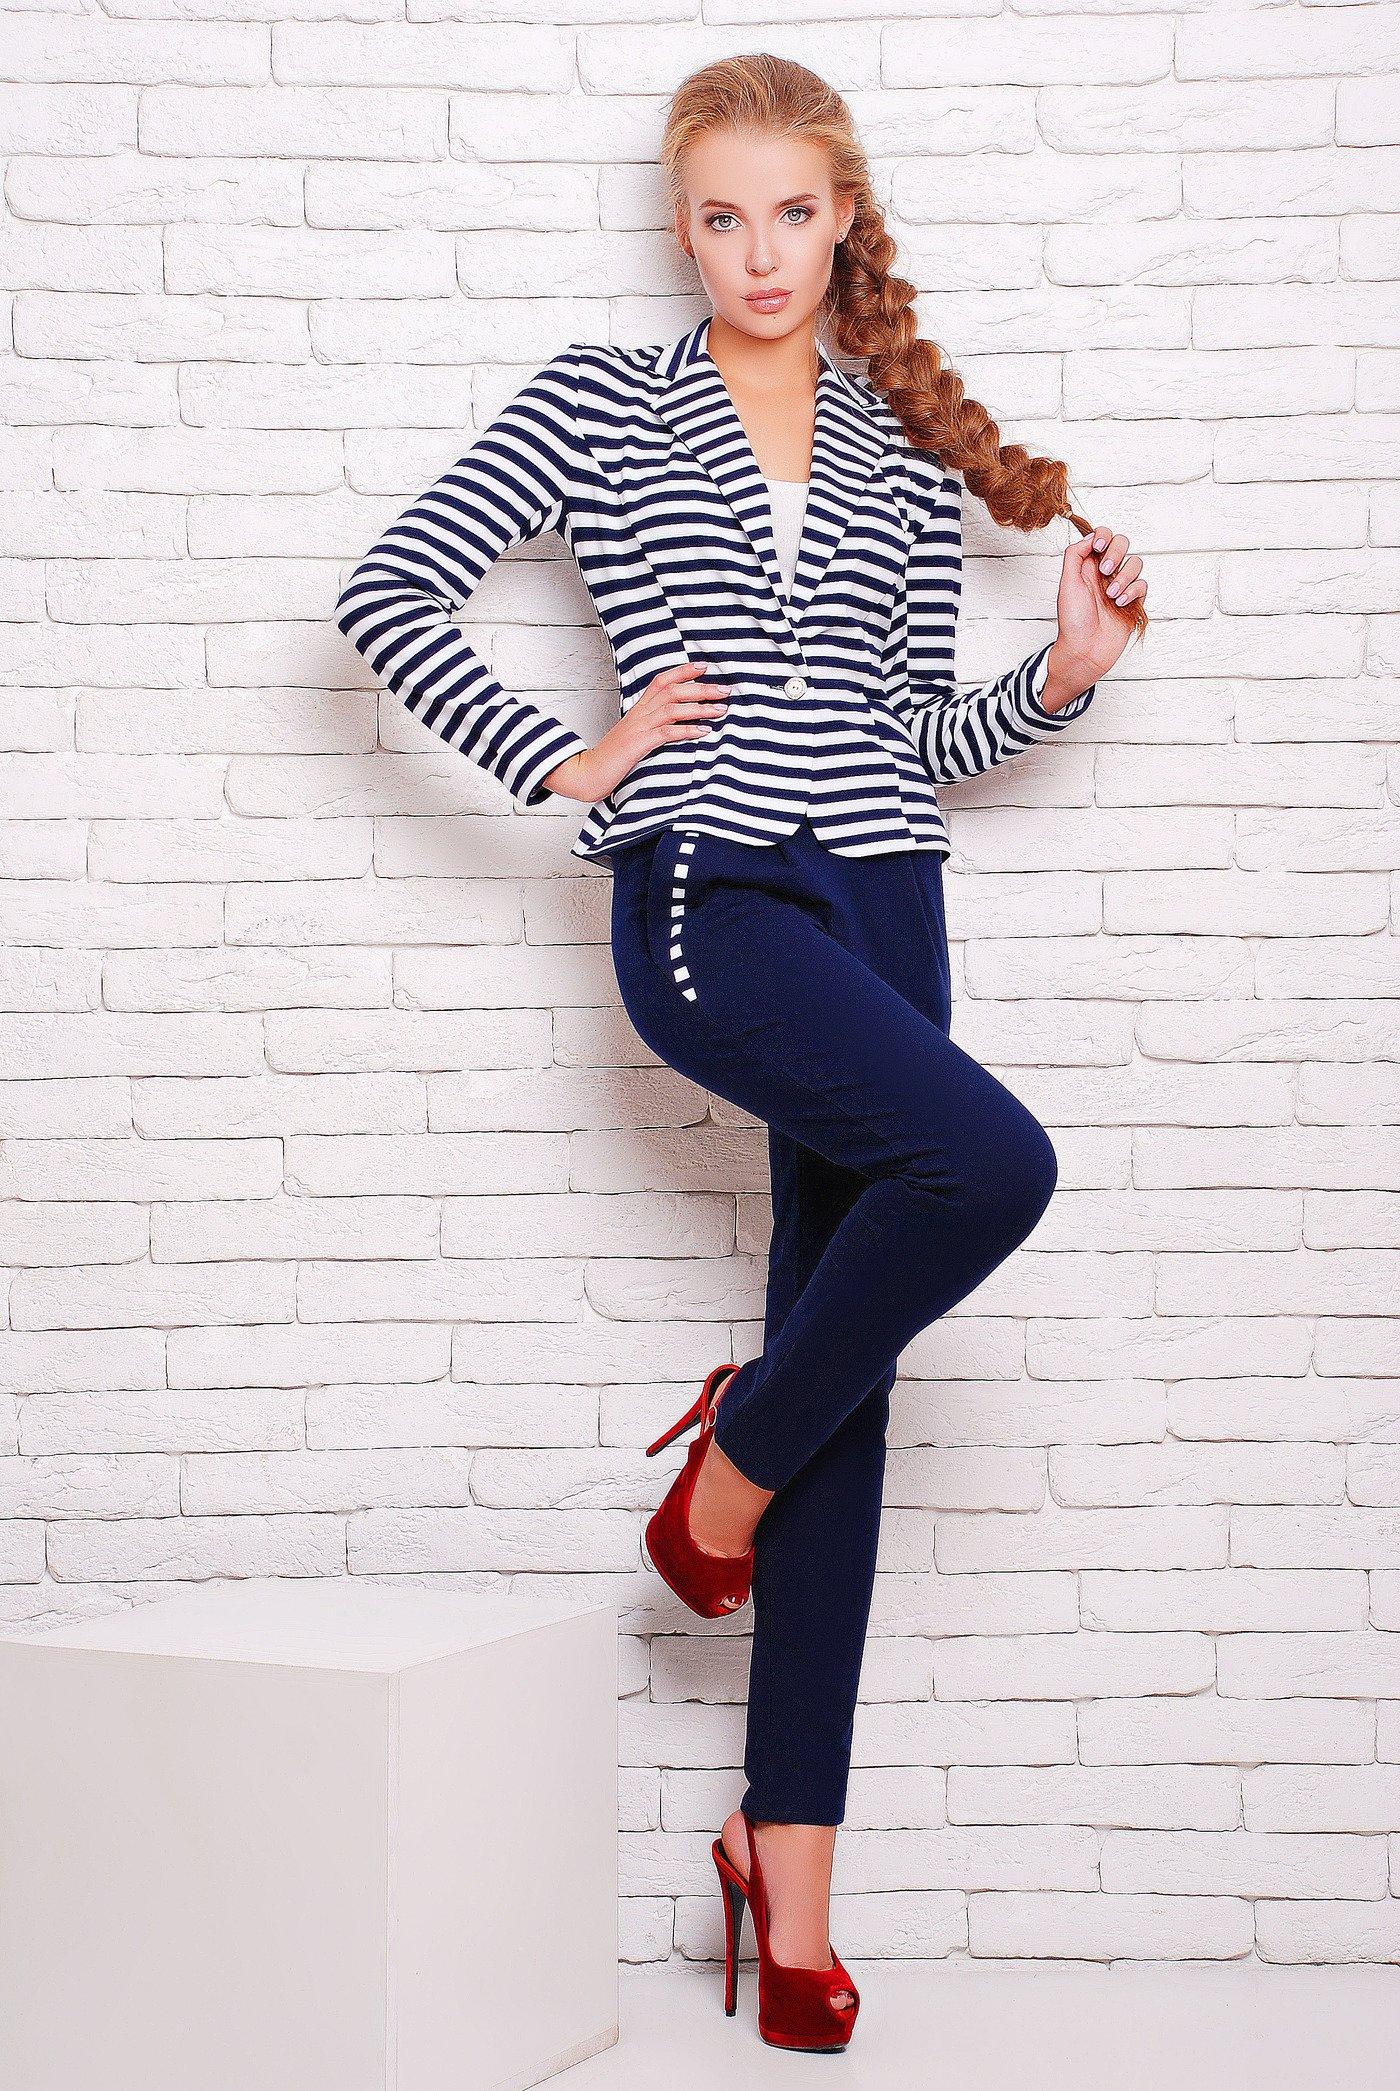 Модная Стильная Женская Одежда Доставка